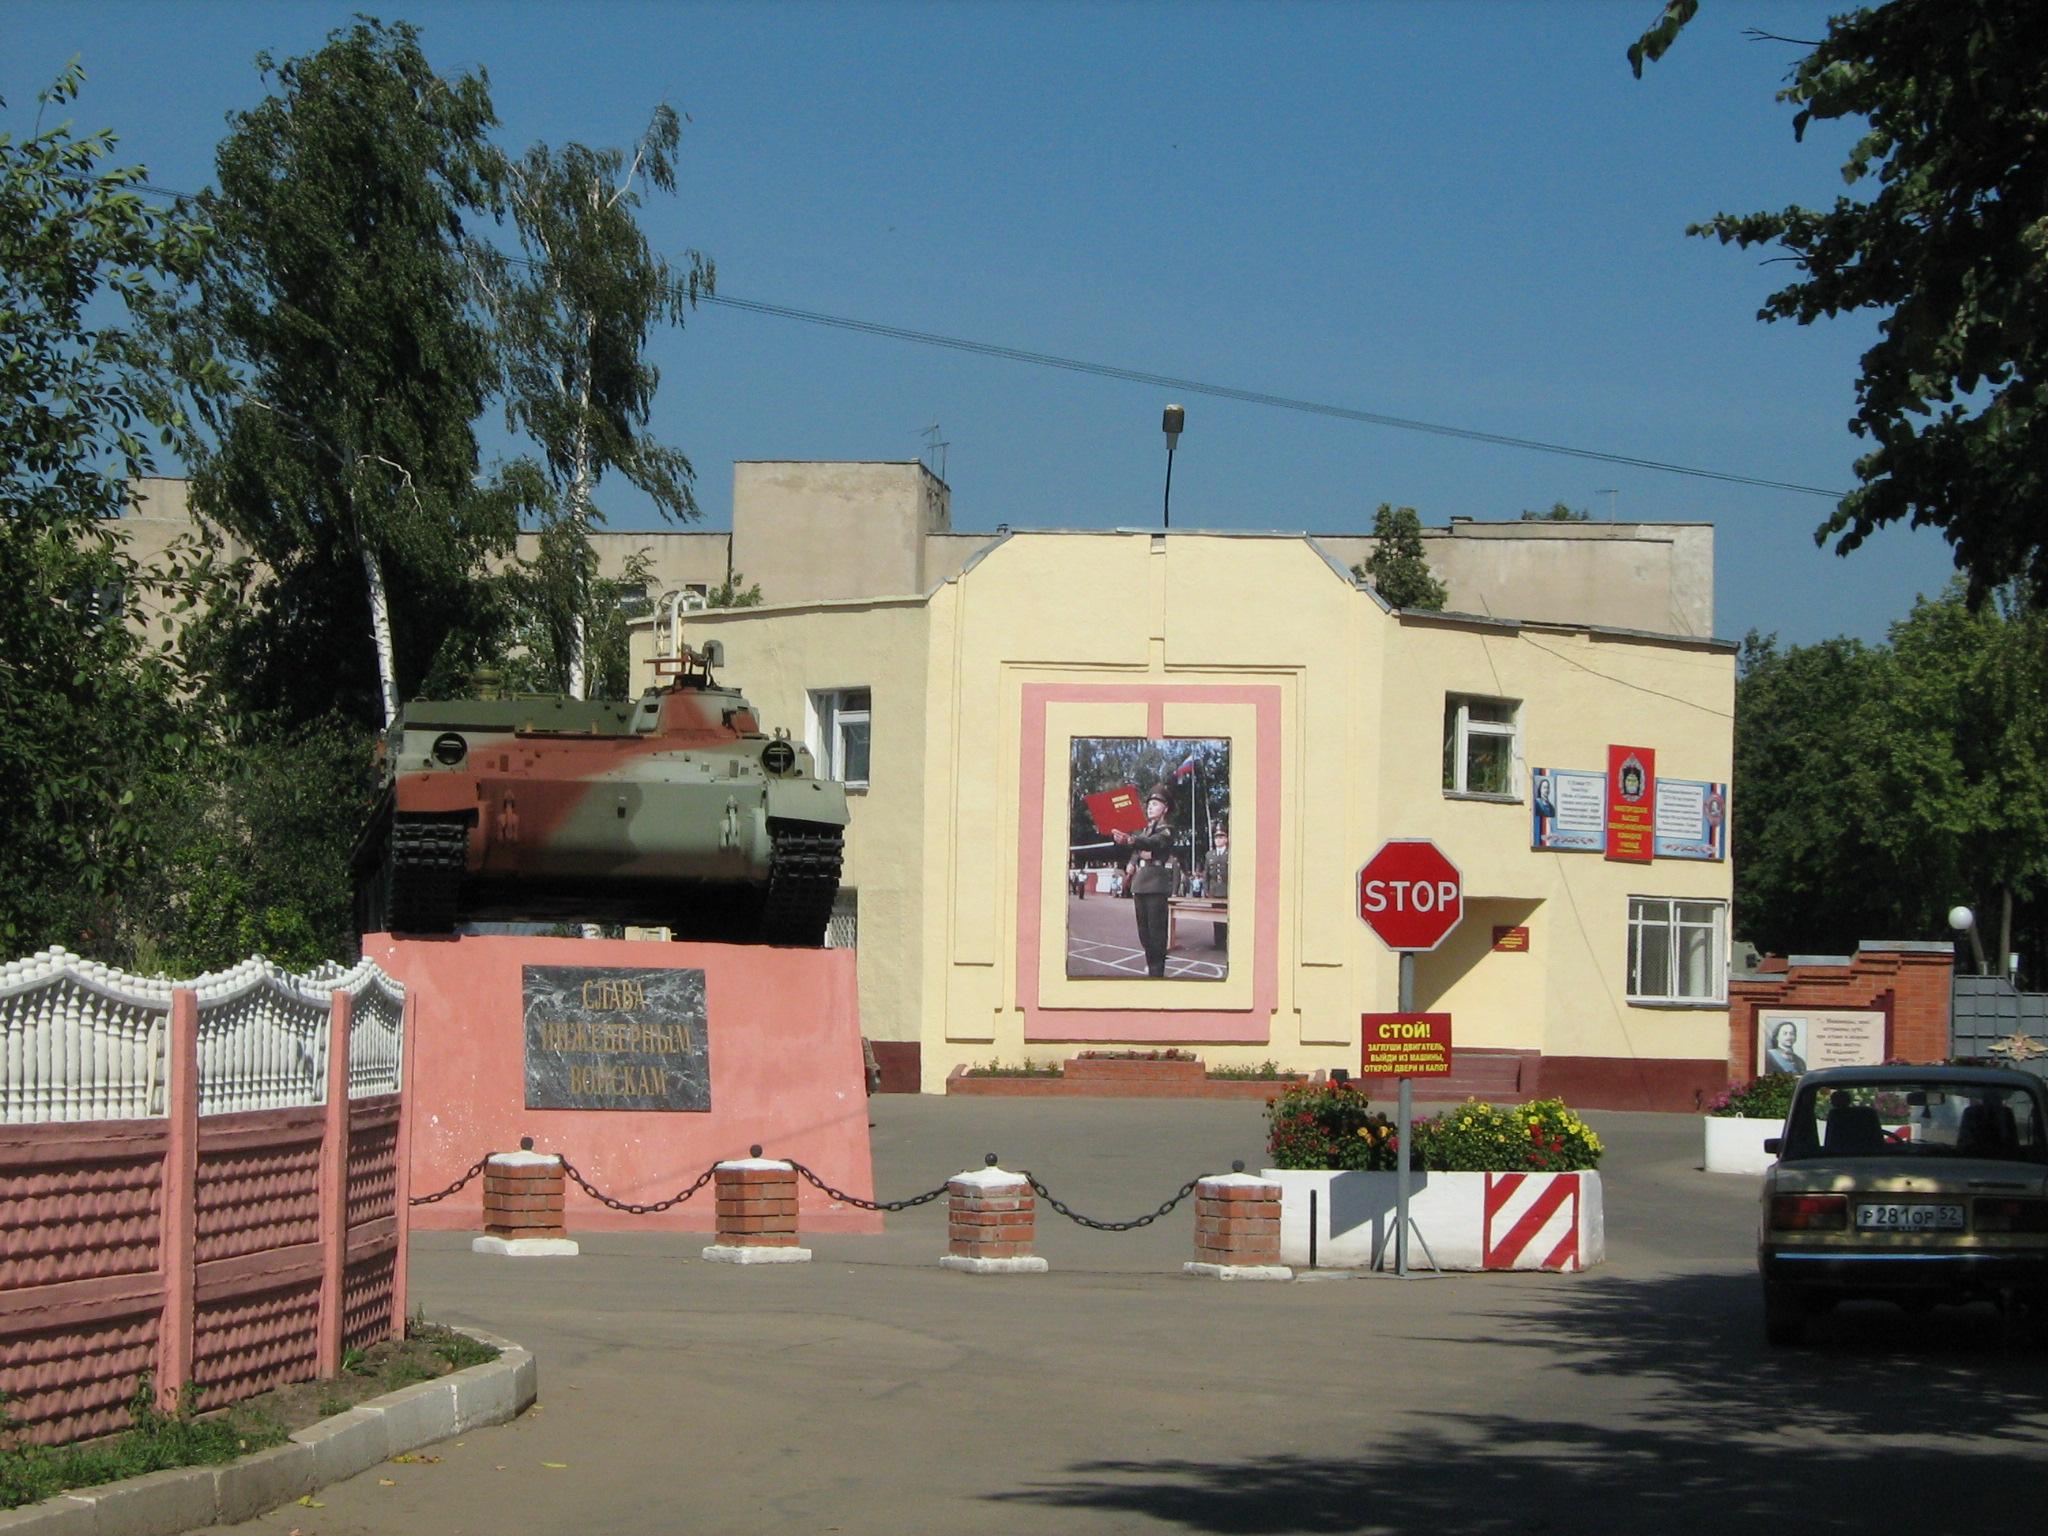 Митрополит георгий посетил в кстове учебный центр инженерных войск (фото артёма фалина)